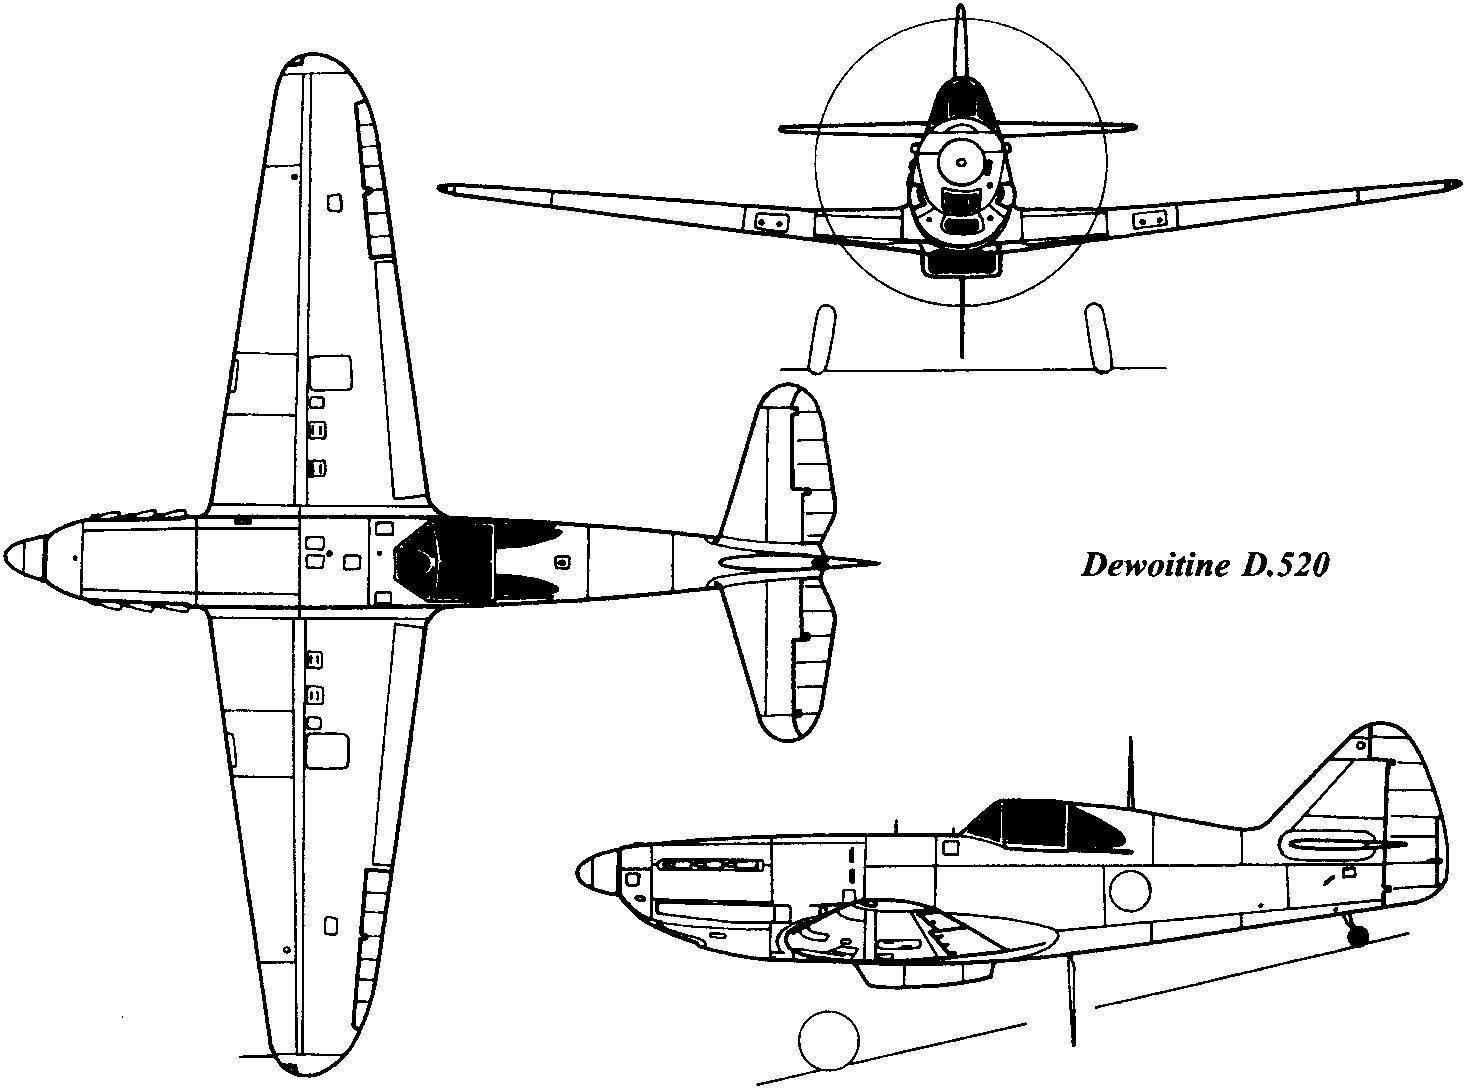 Летчик ввс вишистской франции марсель альбер в кабине истребителя девуатин d.520 | военный альбом